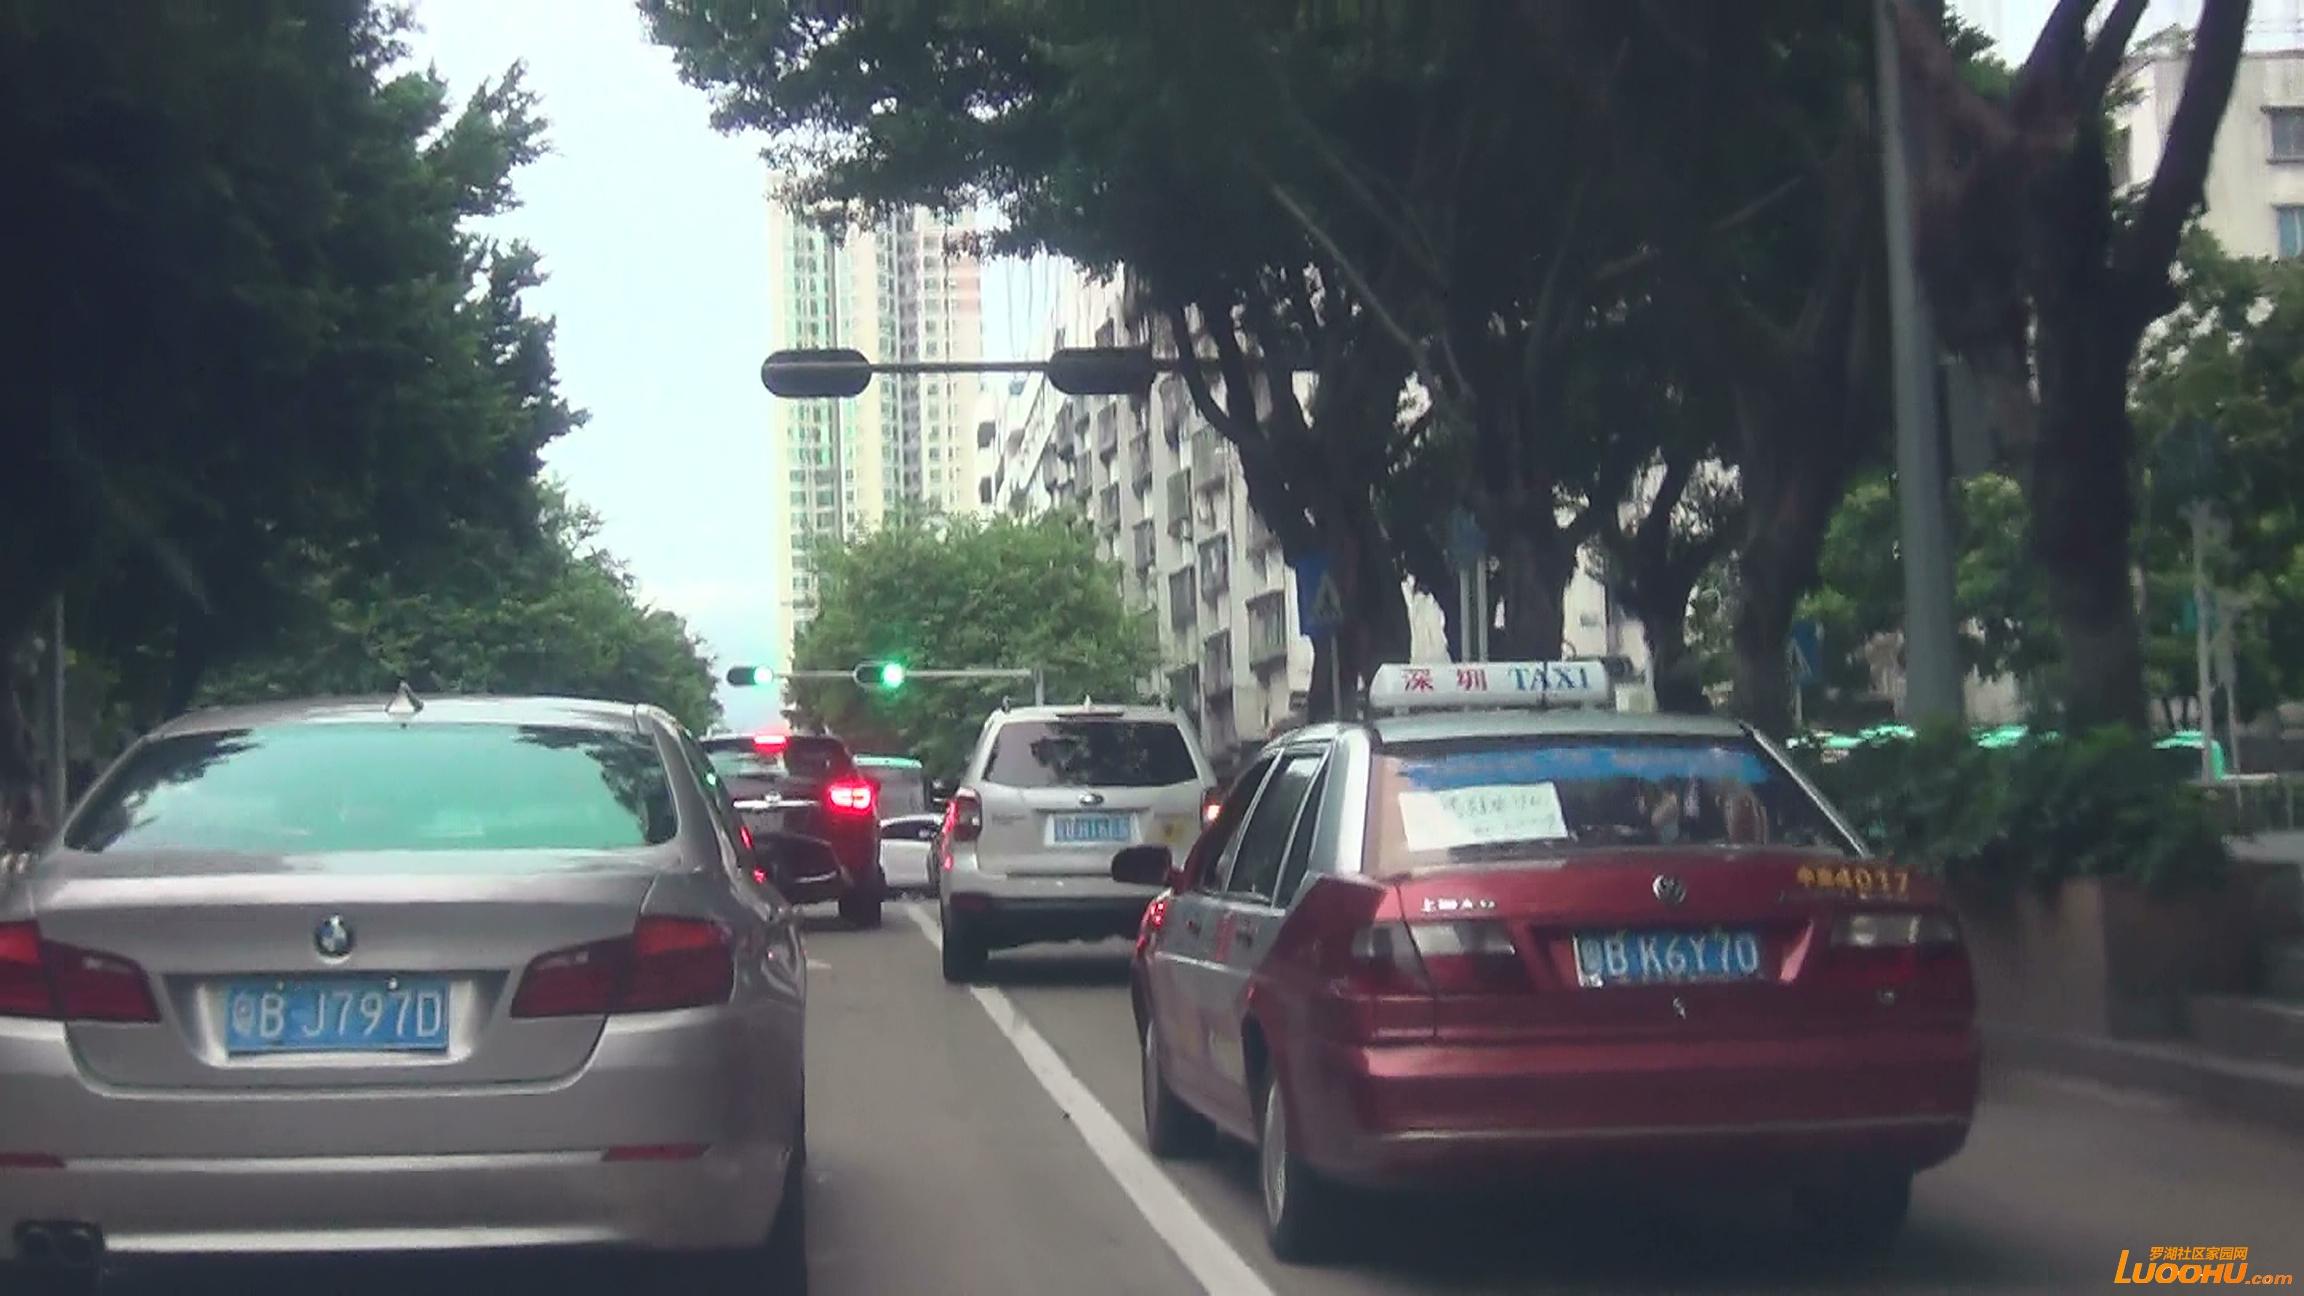 太白路西往东白色轿车从右转车道压线进入直行道后再次压线回到右转车道 (4).jpg.jpg